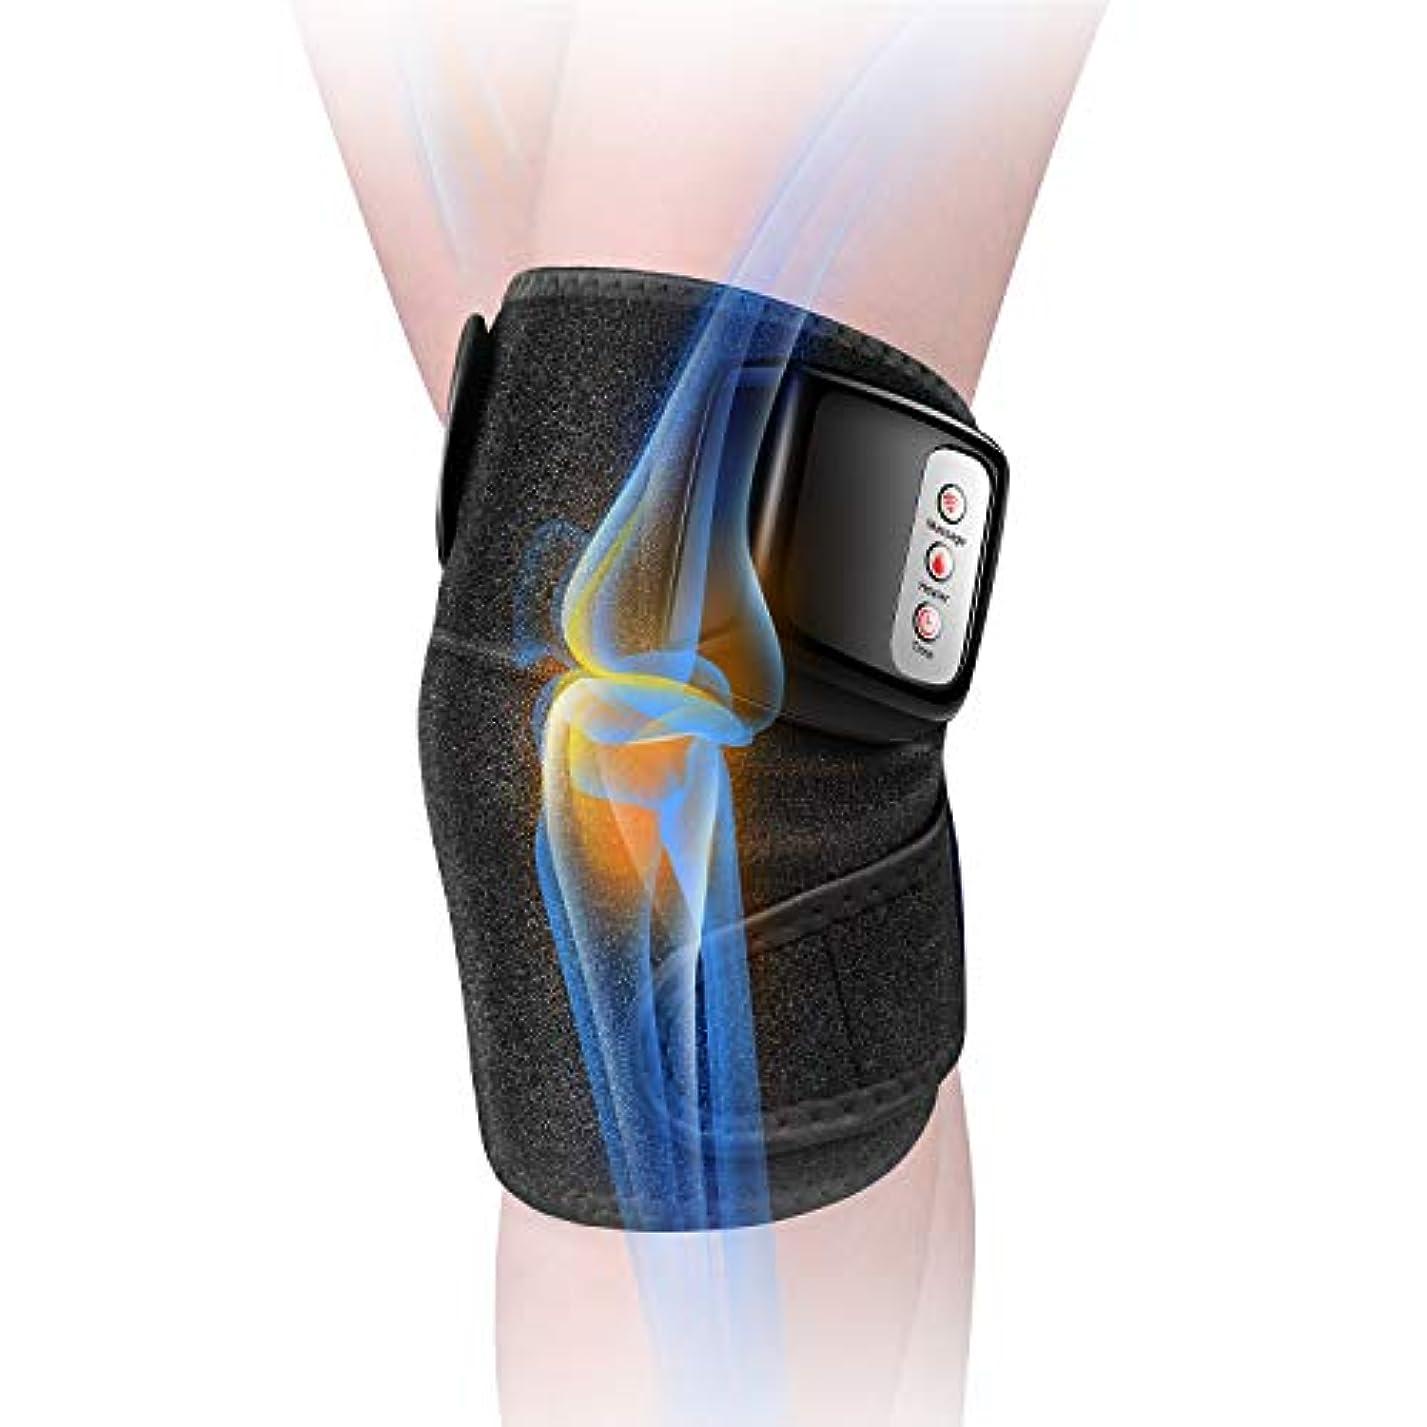 ますます純粋な不完全膝マッサージャー 関節マッサージャー マッサージ器 フットマッサージャー 振動 赤外線療法 温熱療法 膝サポーター ストレス解消 肩 太もも/腕対応